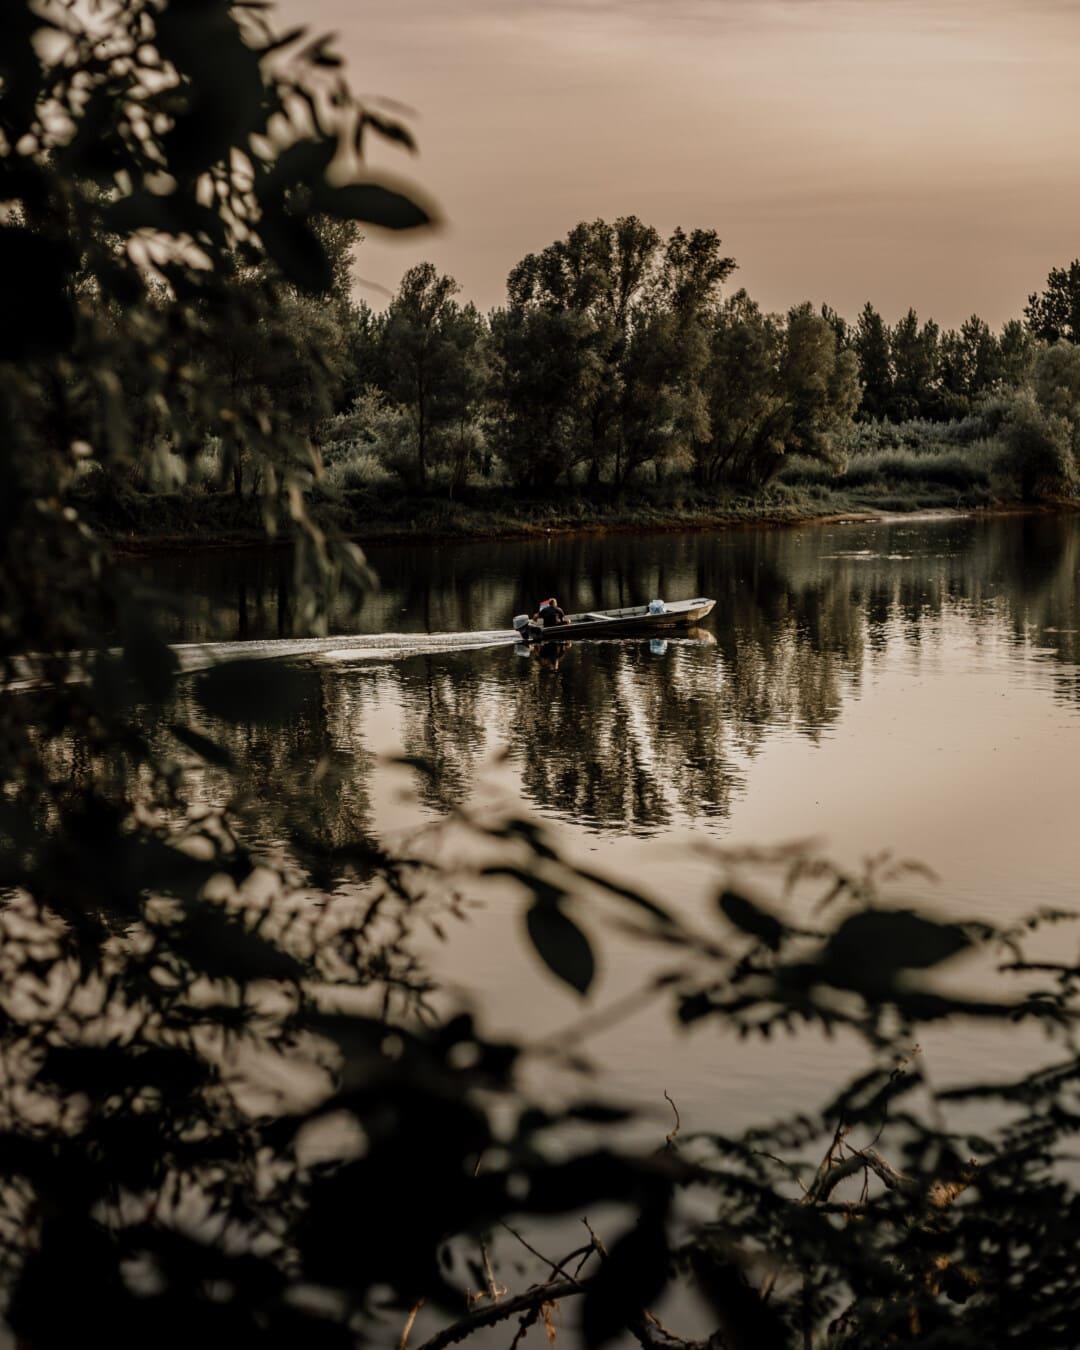 marais, paysage, rivière, arbre, forêt, Lac, eau, réflexion, aube, monochrome